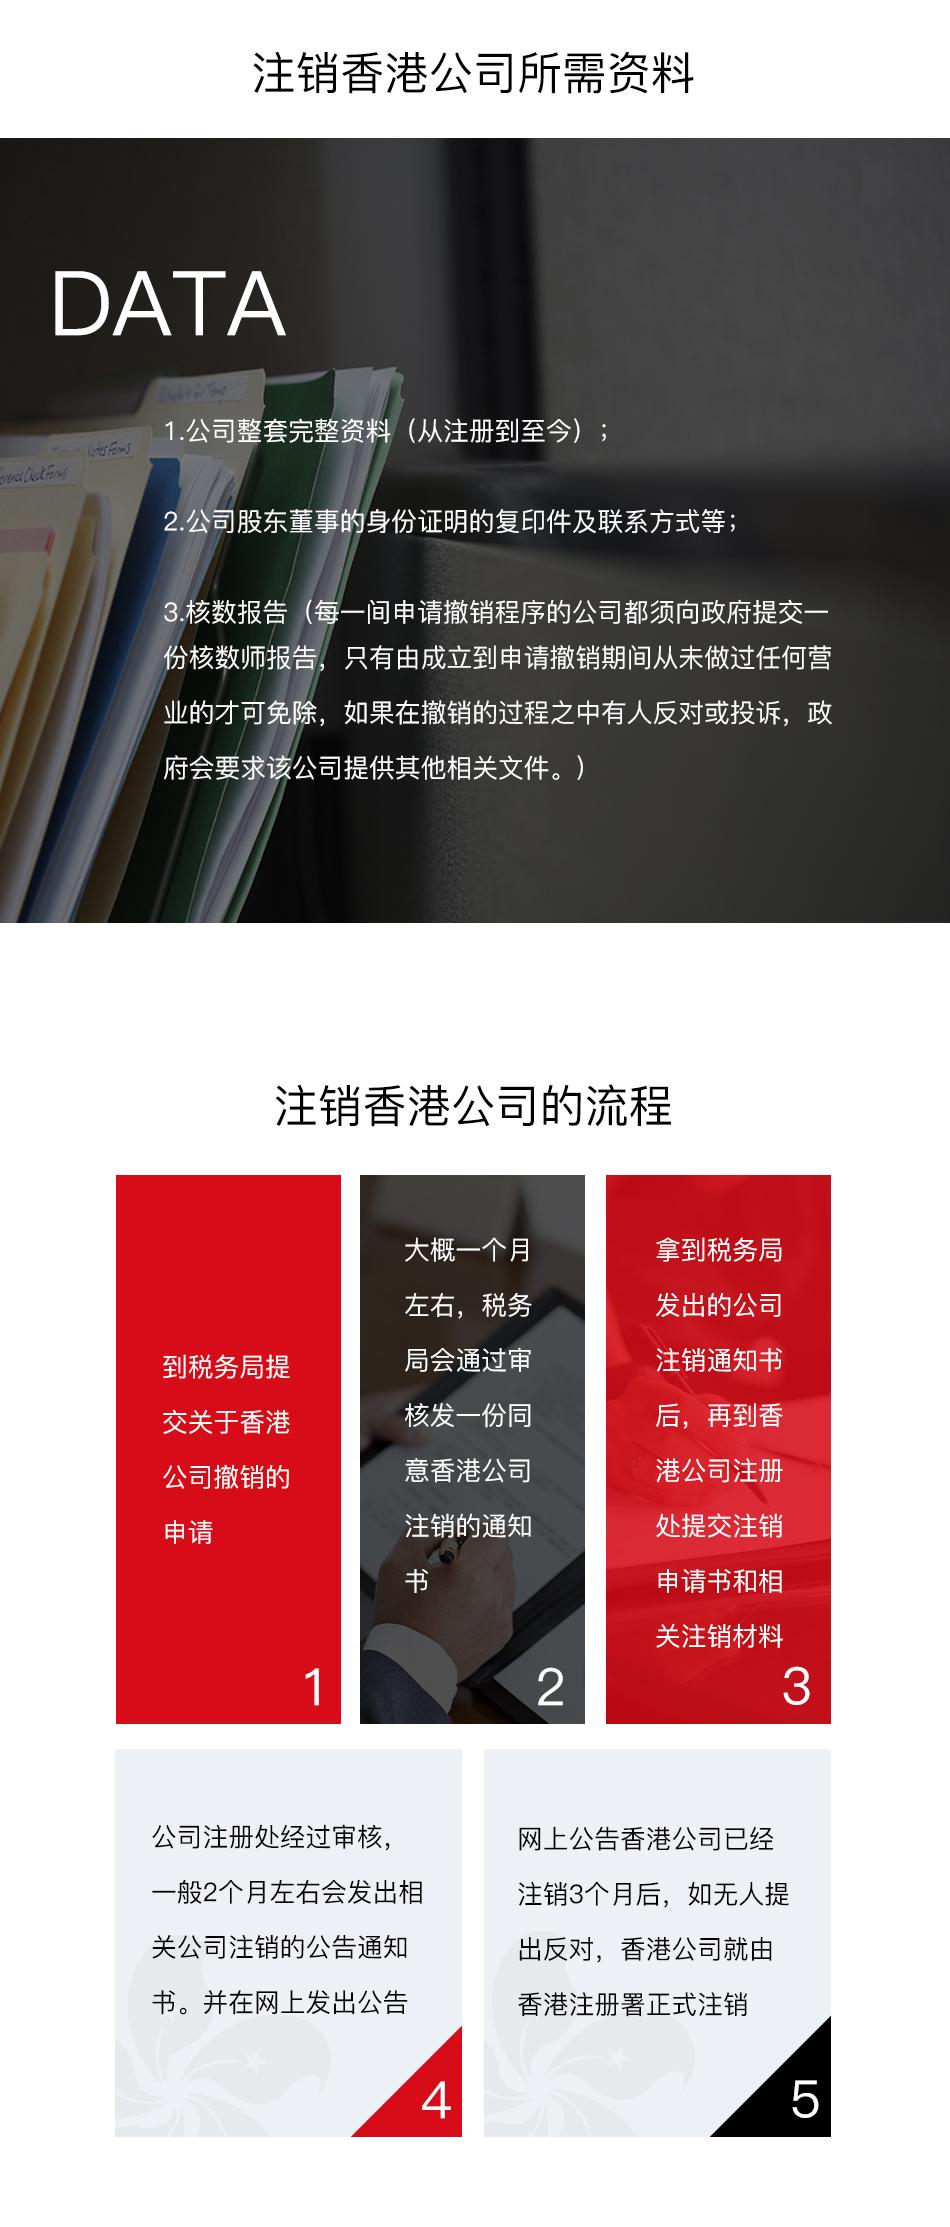 香港公司注销_03.jpg